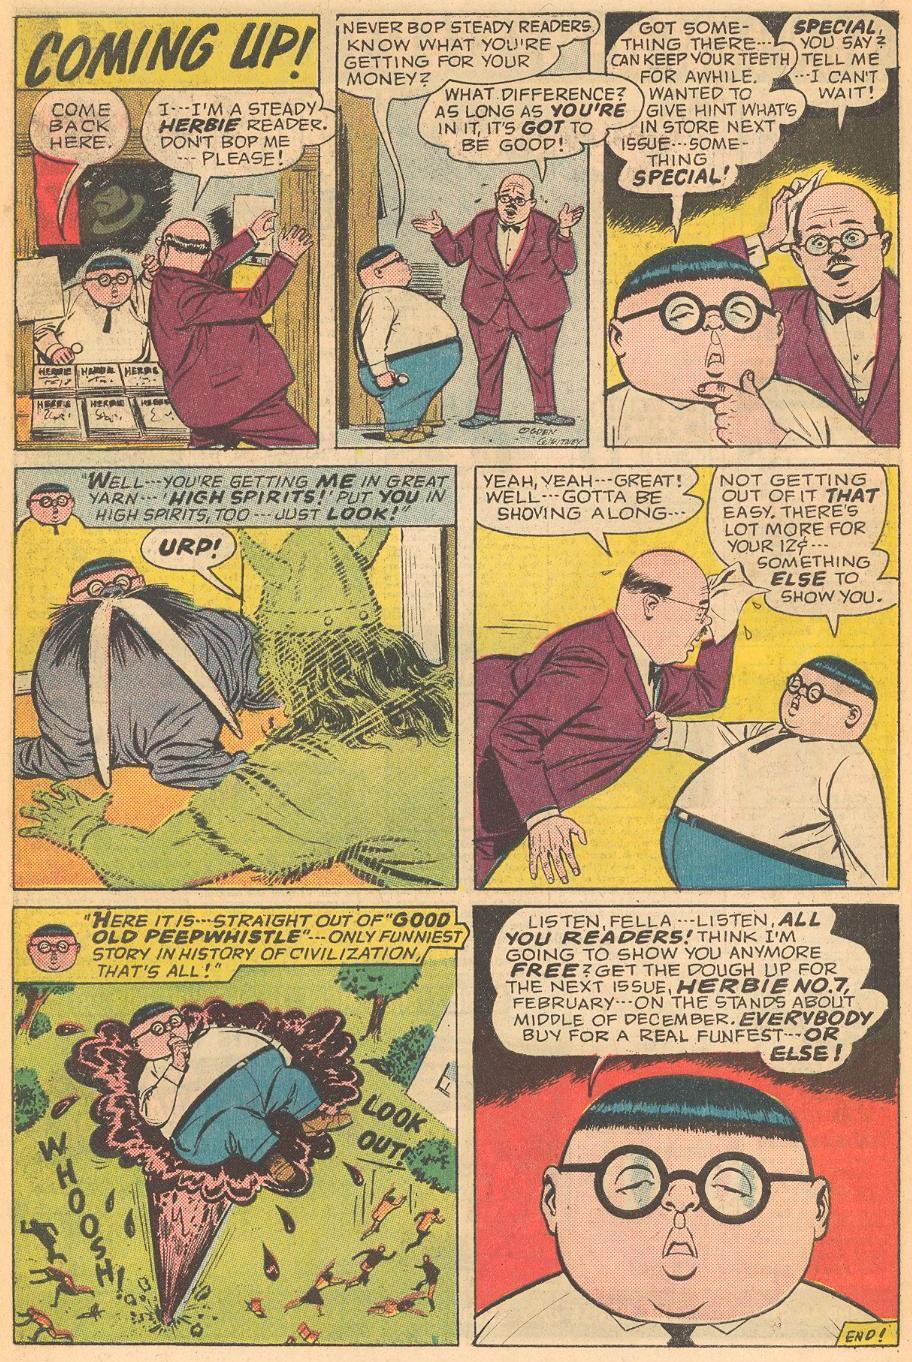 Herbie #6